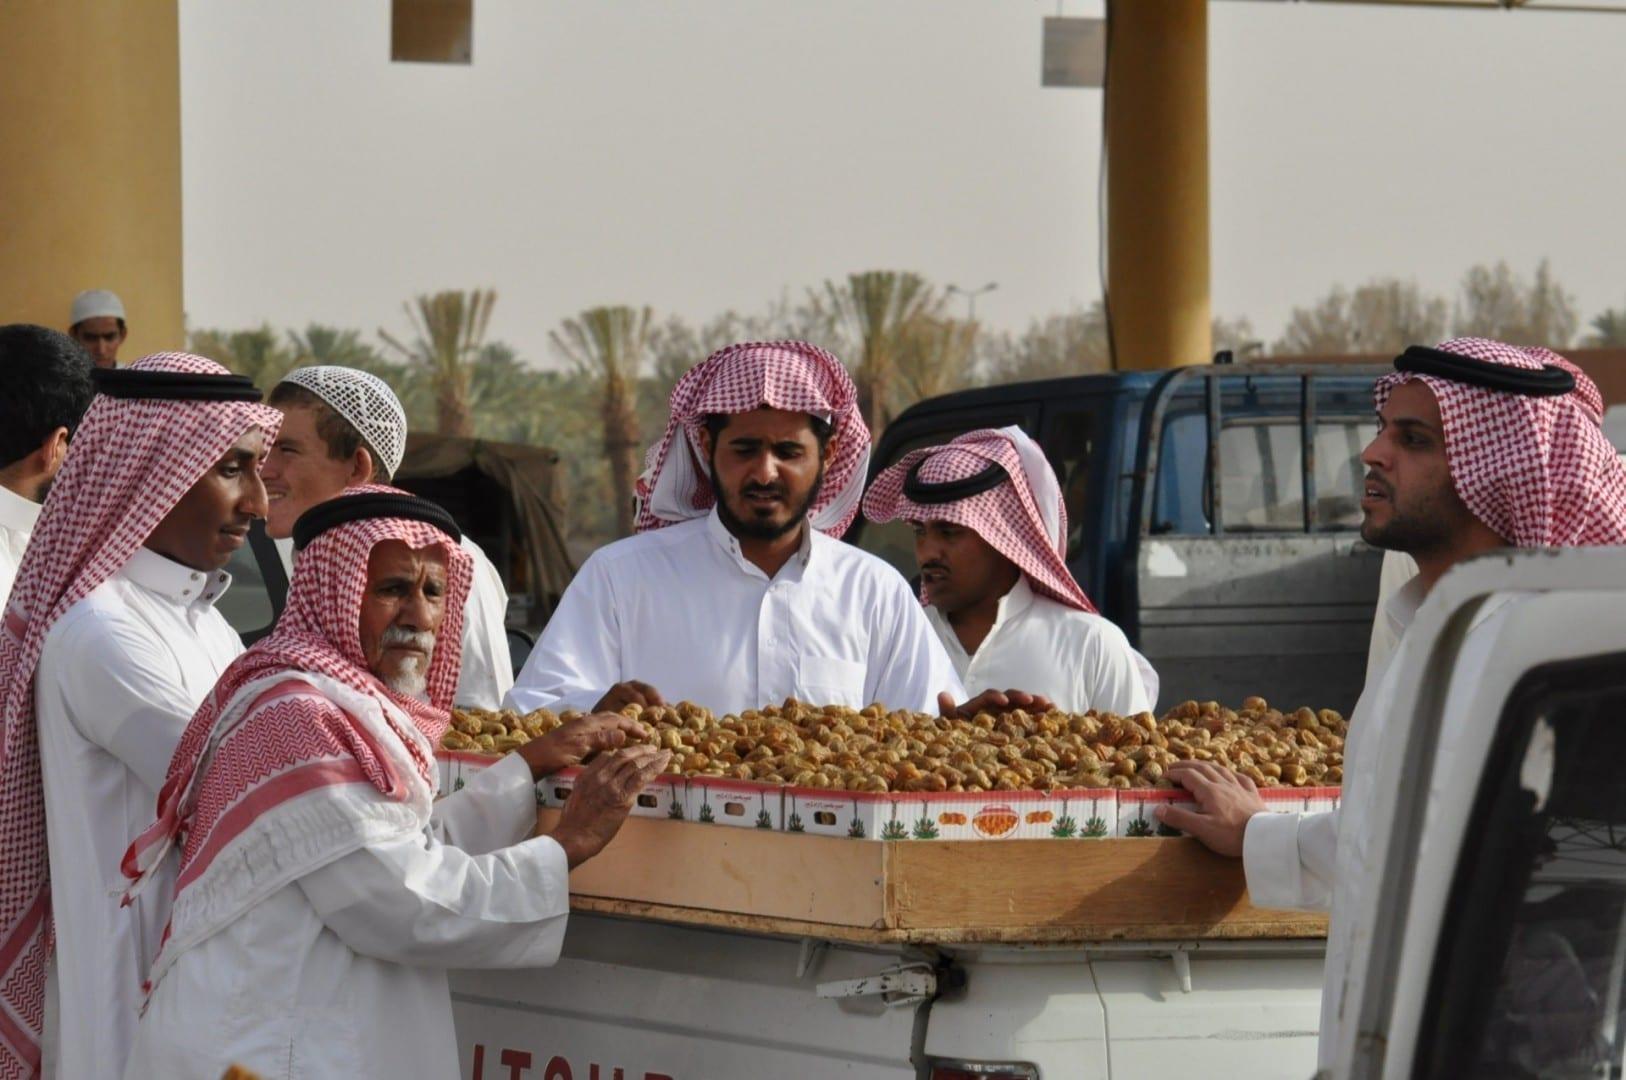 Los comerciantes en el mercado de la fecha Buraydah Arabia Saudí